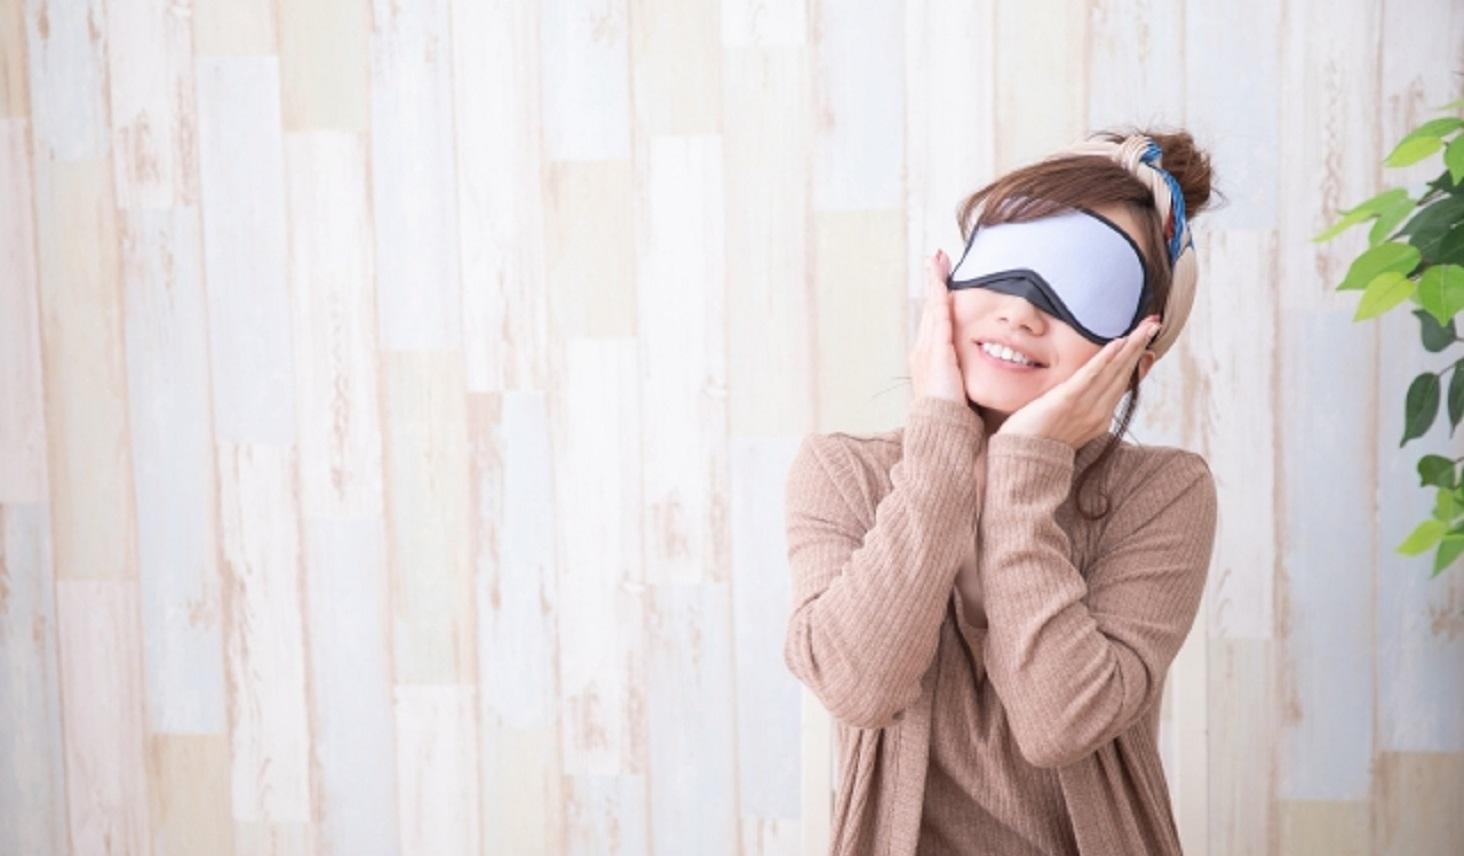 アイマスクで目を温めて疲れを和らげる女性